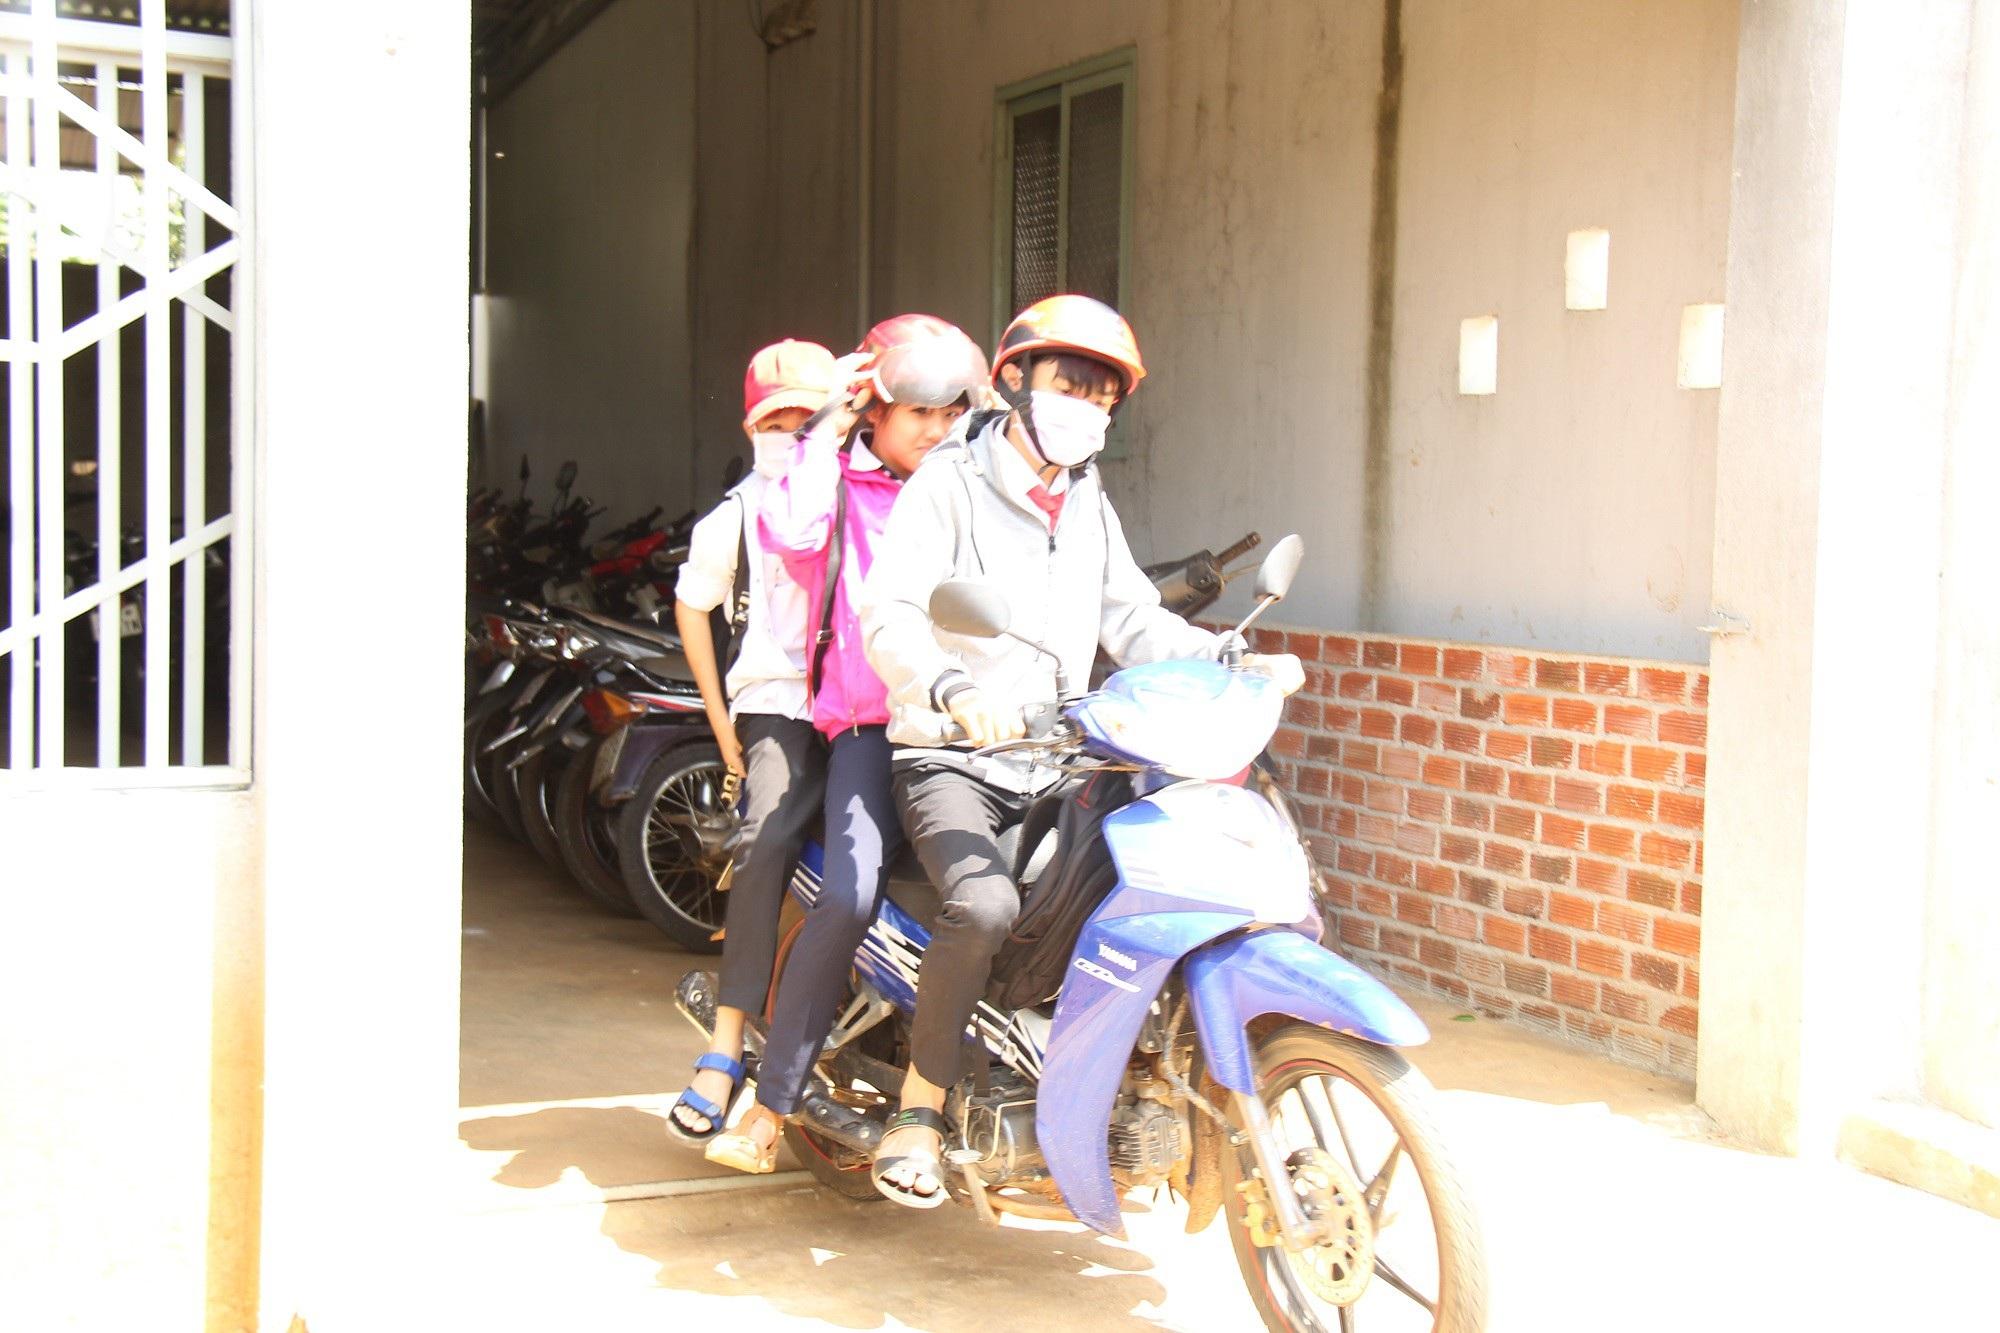 Nhà trường giữ xe, học sinh phổ thông vô tư đi xe máy đến trường ? - Ảnh 5.